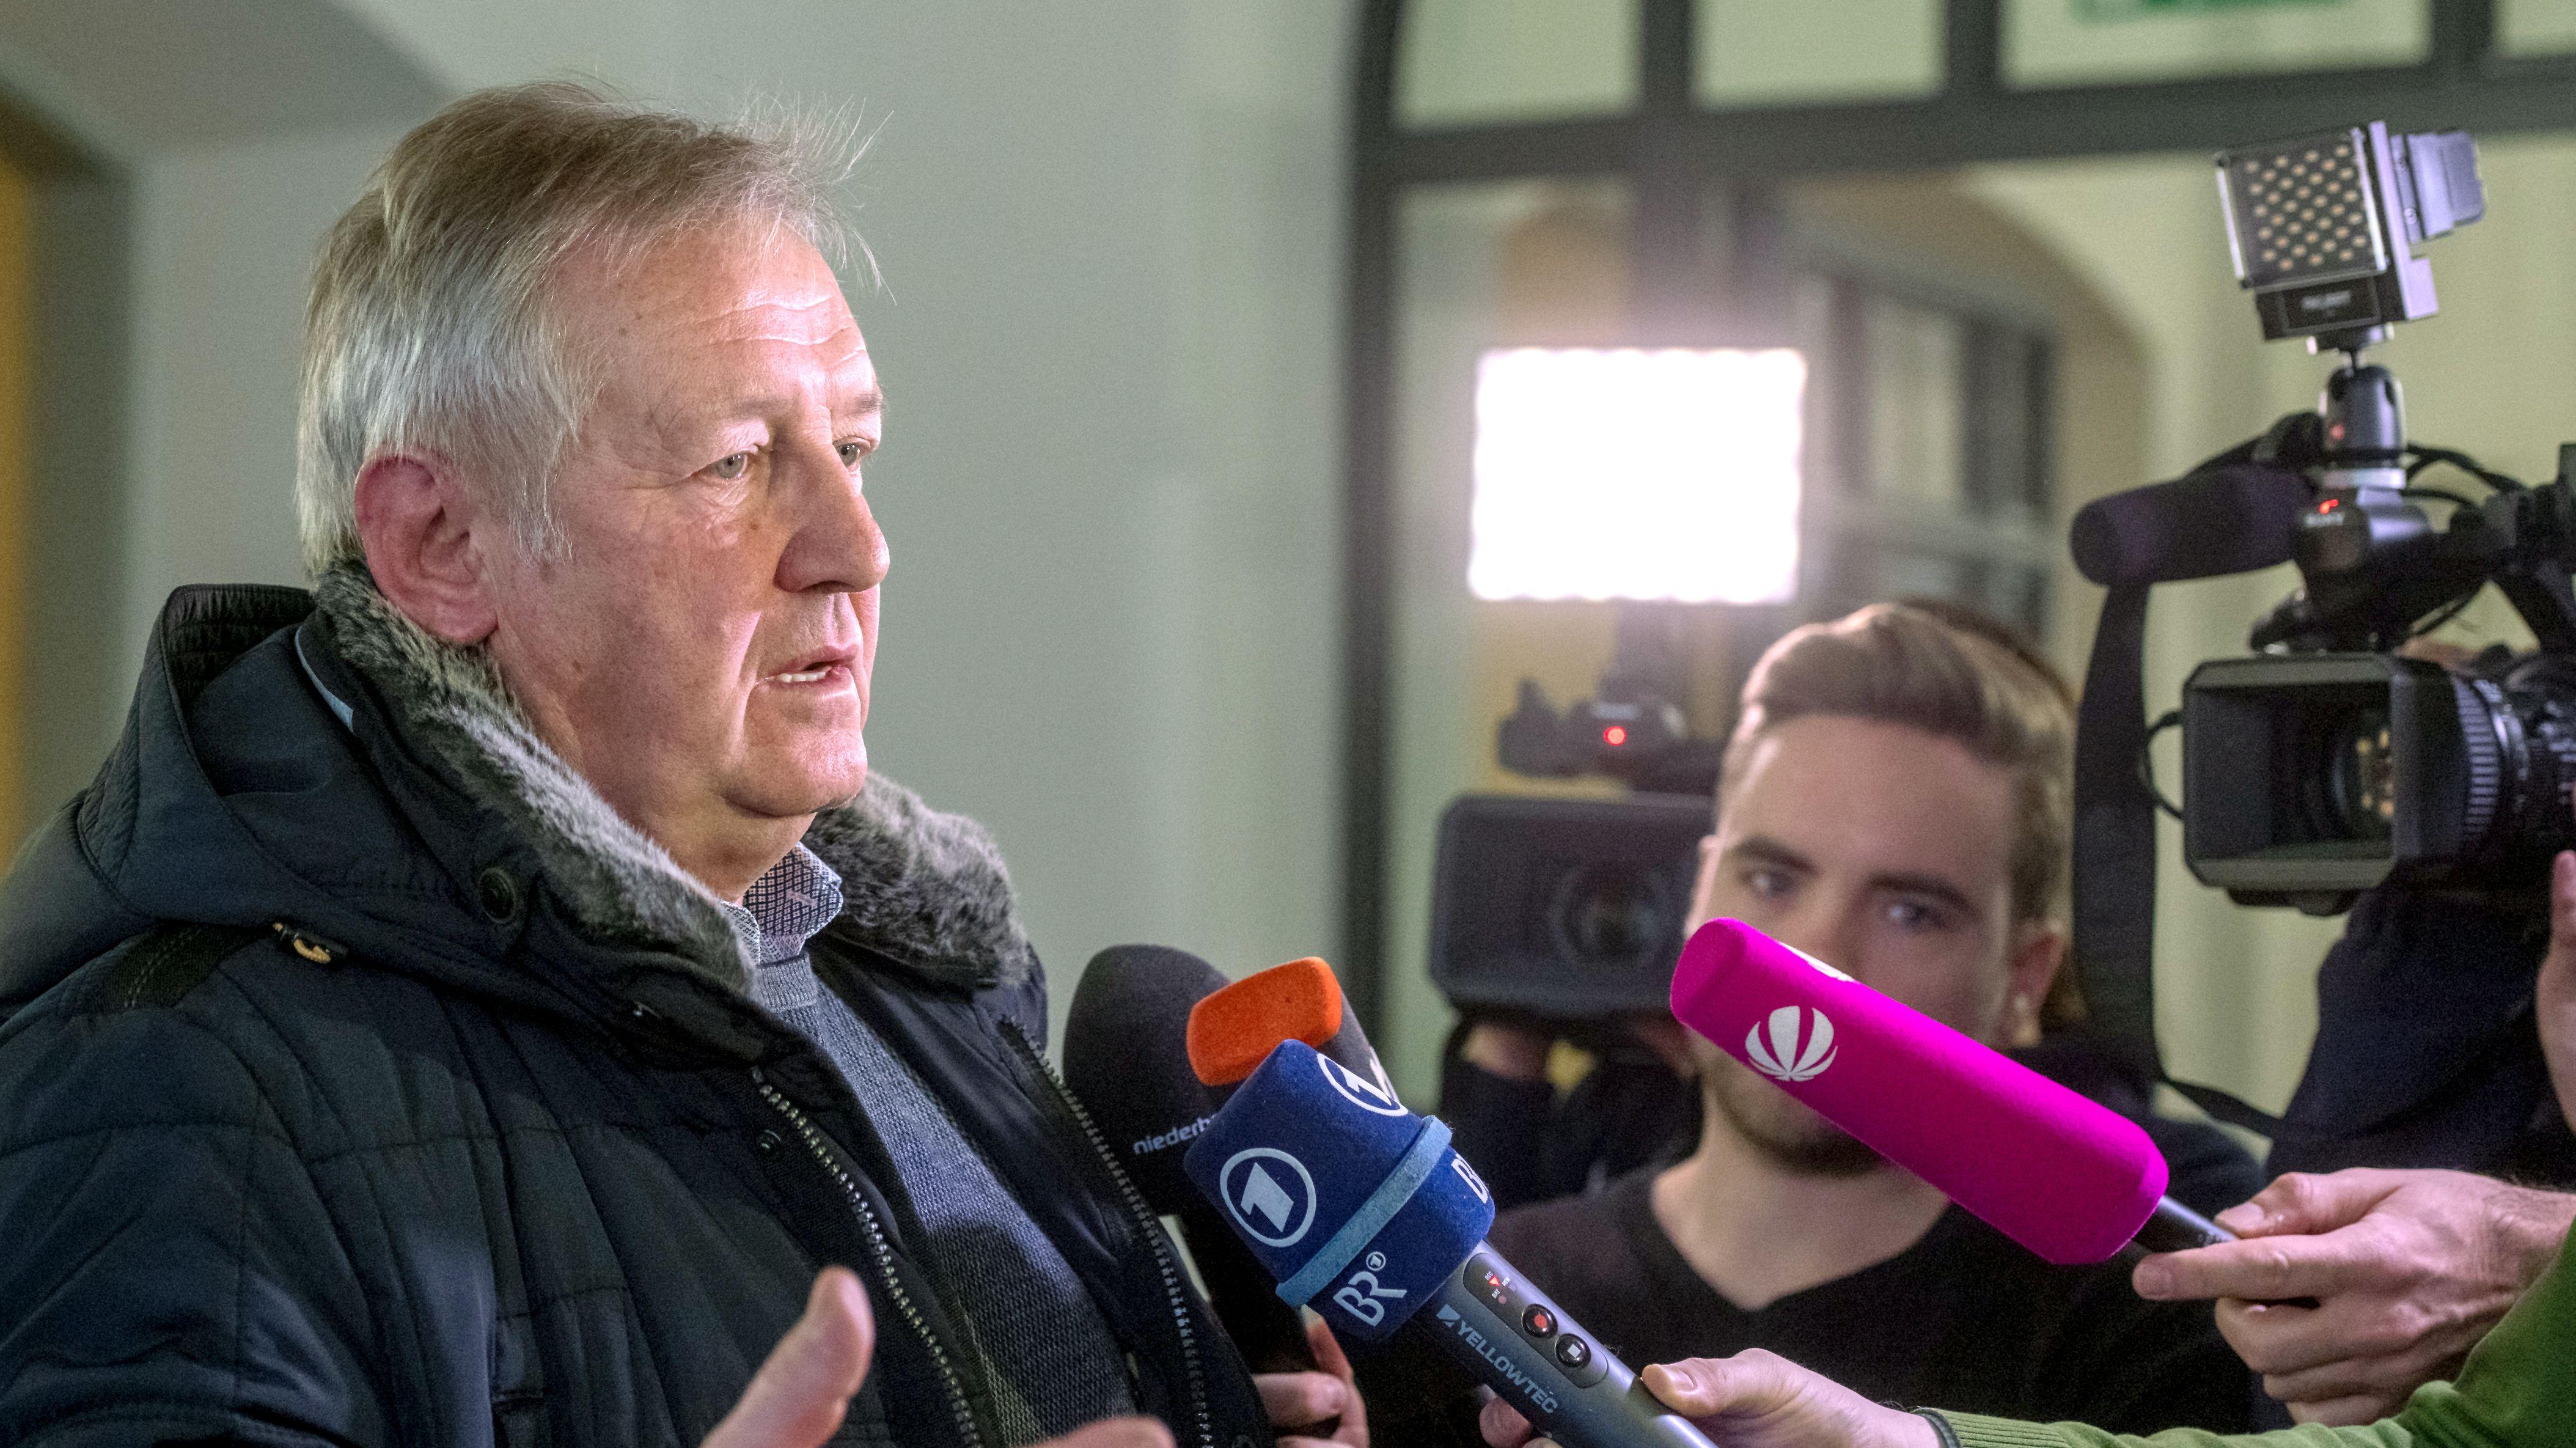 Der ehemalige Geiselhöringer Bürgermeister Bernhard Krempl beim Prozessauftakt im Januar. Jetzt muss er als Zeuge vor Gericht aussagen.